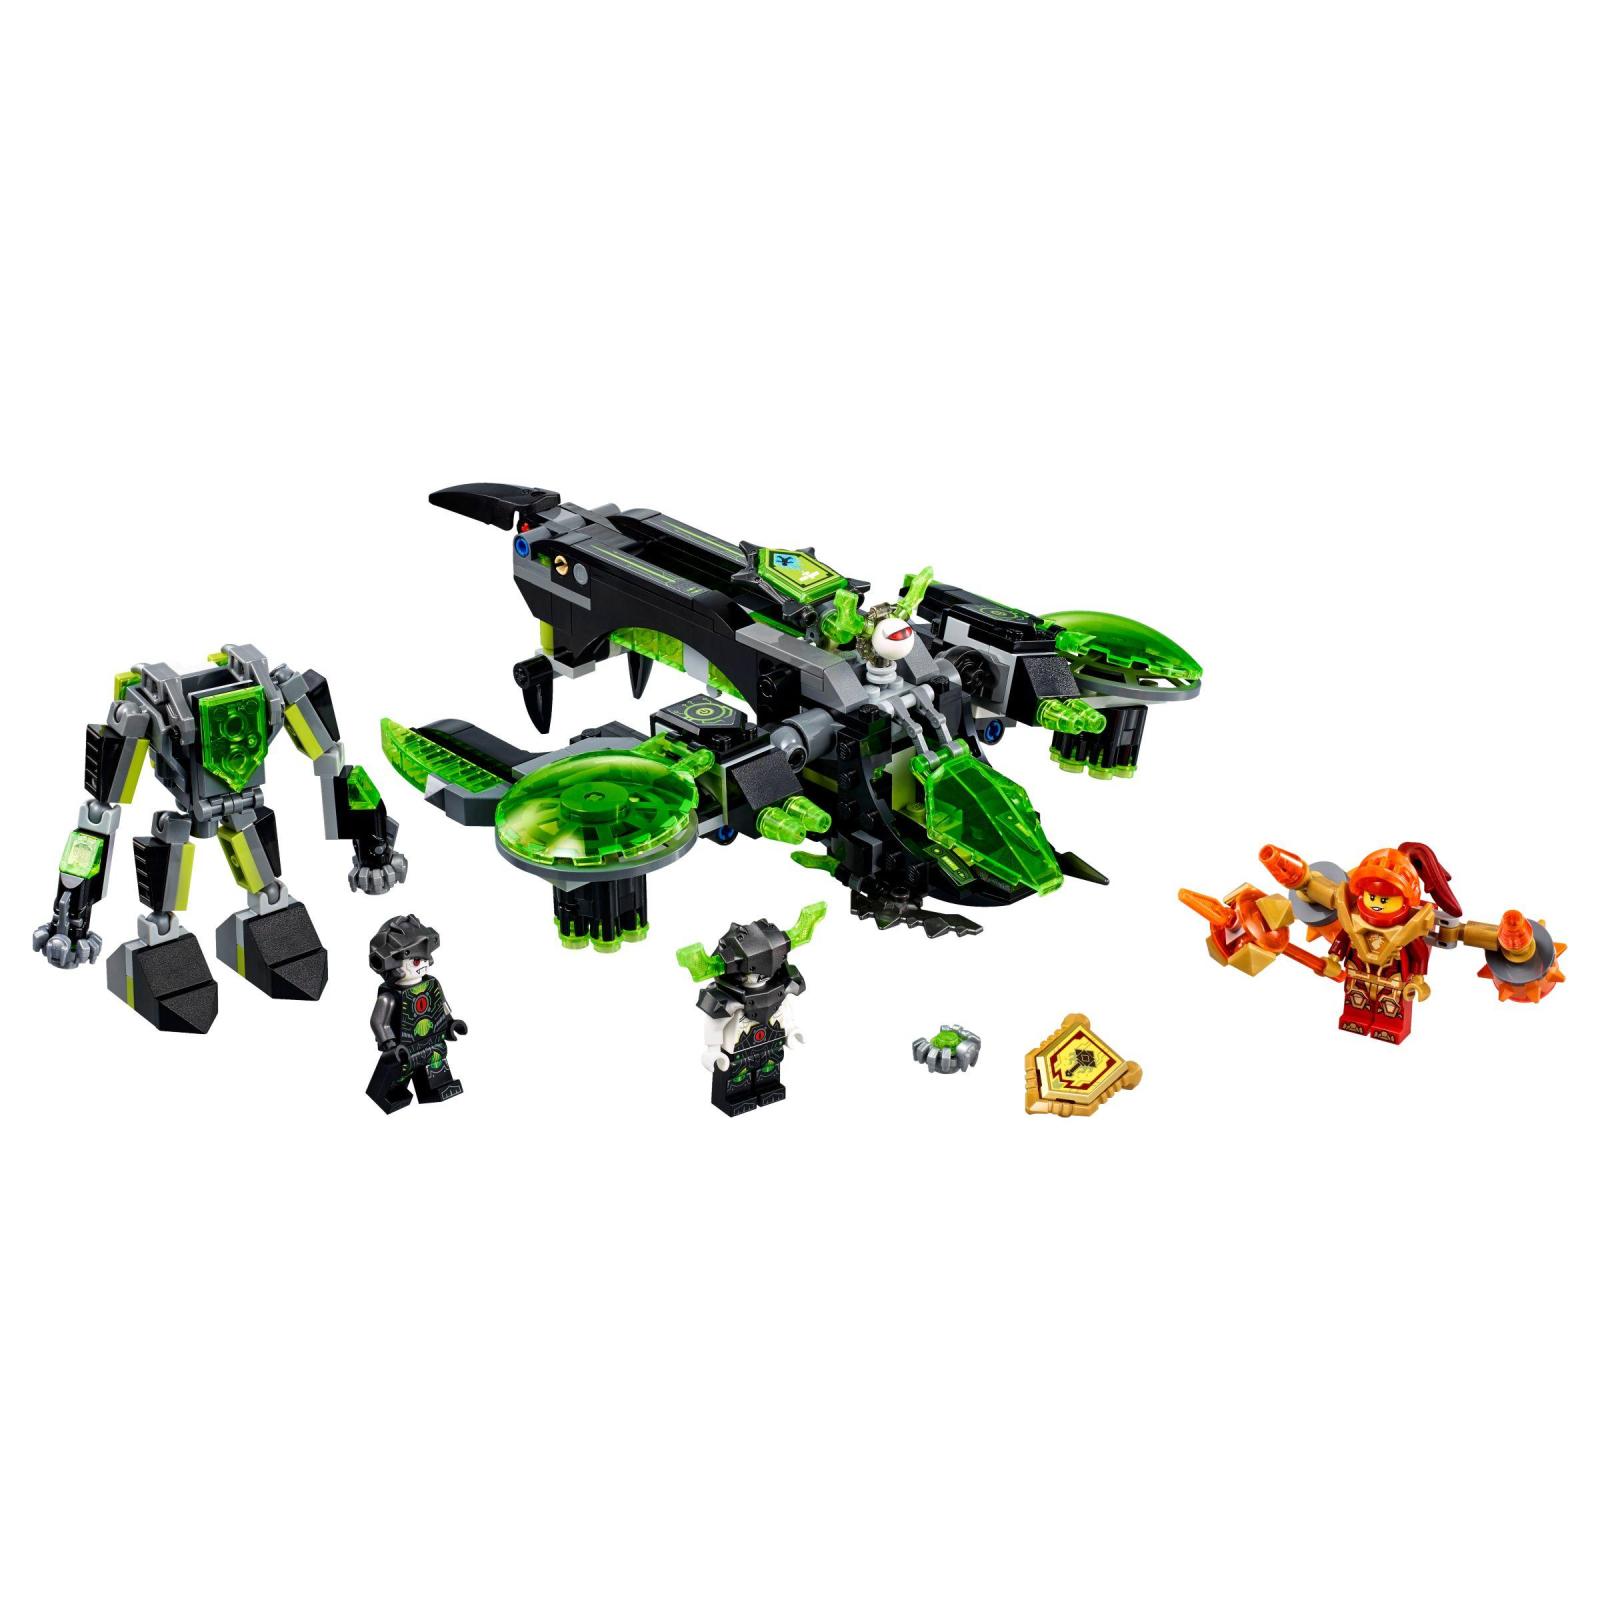 Конструктор LEGO Nexo Knights Бомбардировщик Берсеркер (72003) изображение 2